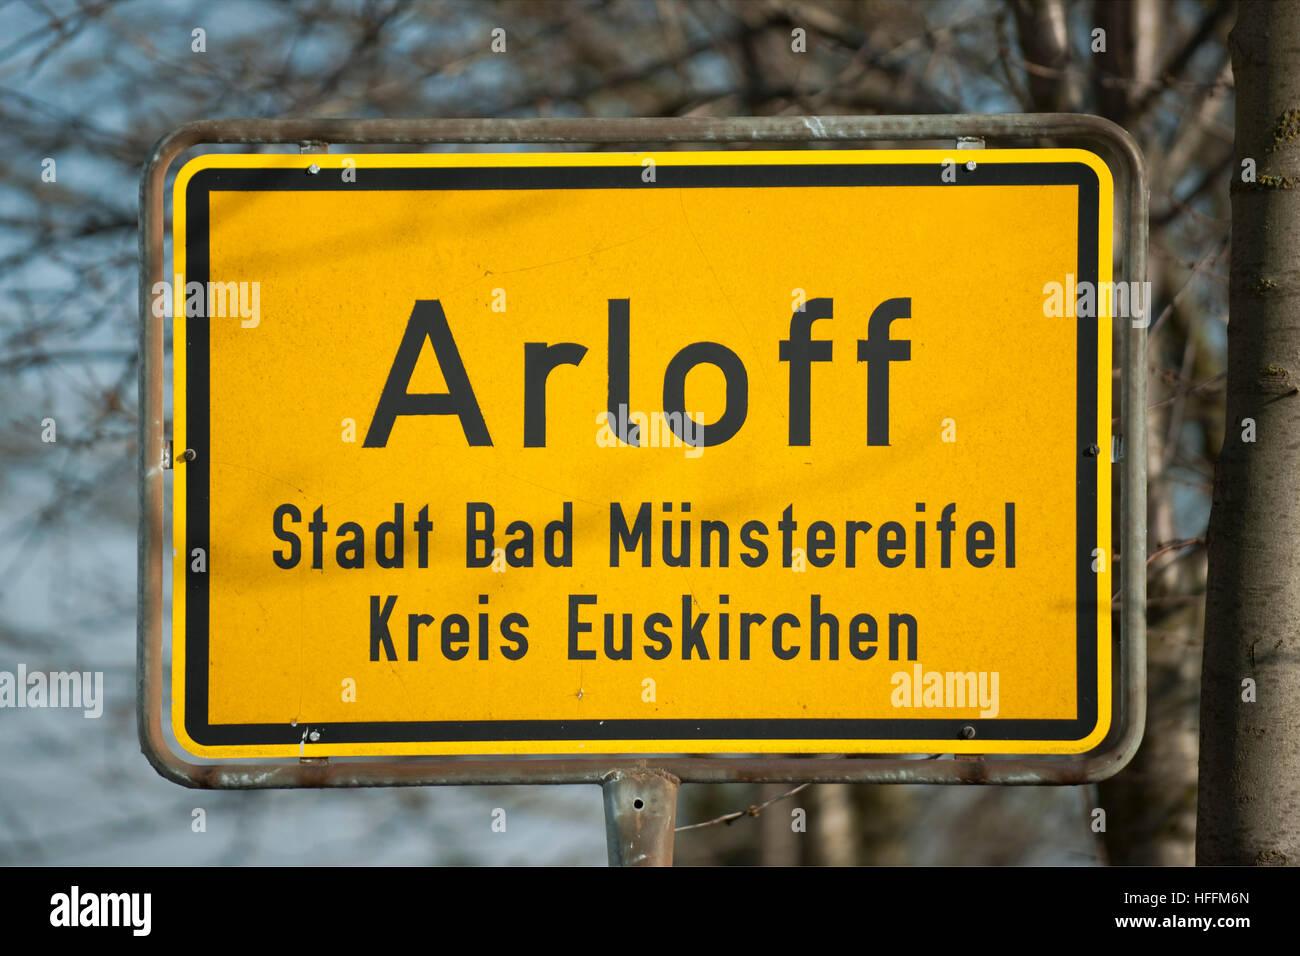 Deutschland, Nordrhein-Westfalen, Kreis Euskirchen, Bad Münstereifel, Ortsteil Arloff, Ortsschild Stock Photo